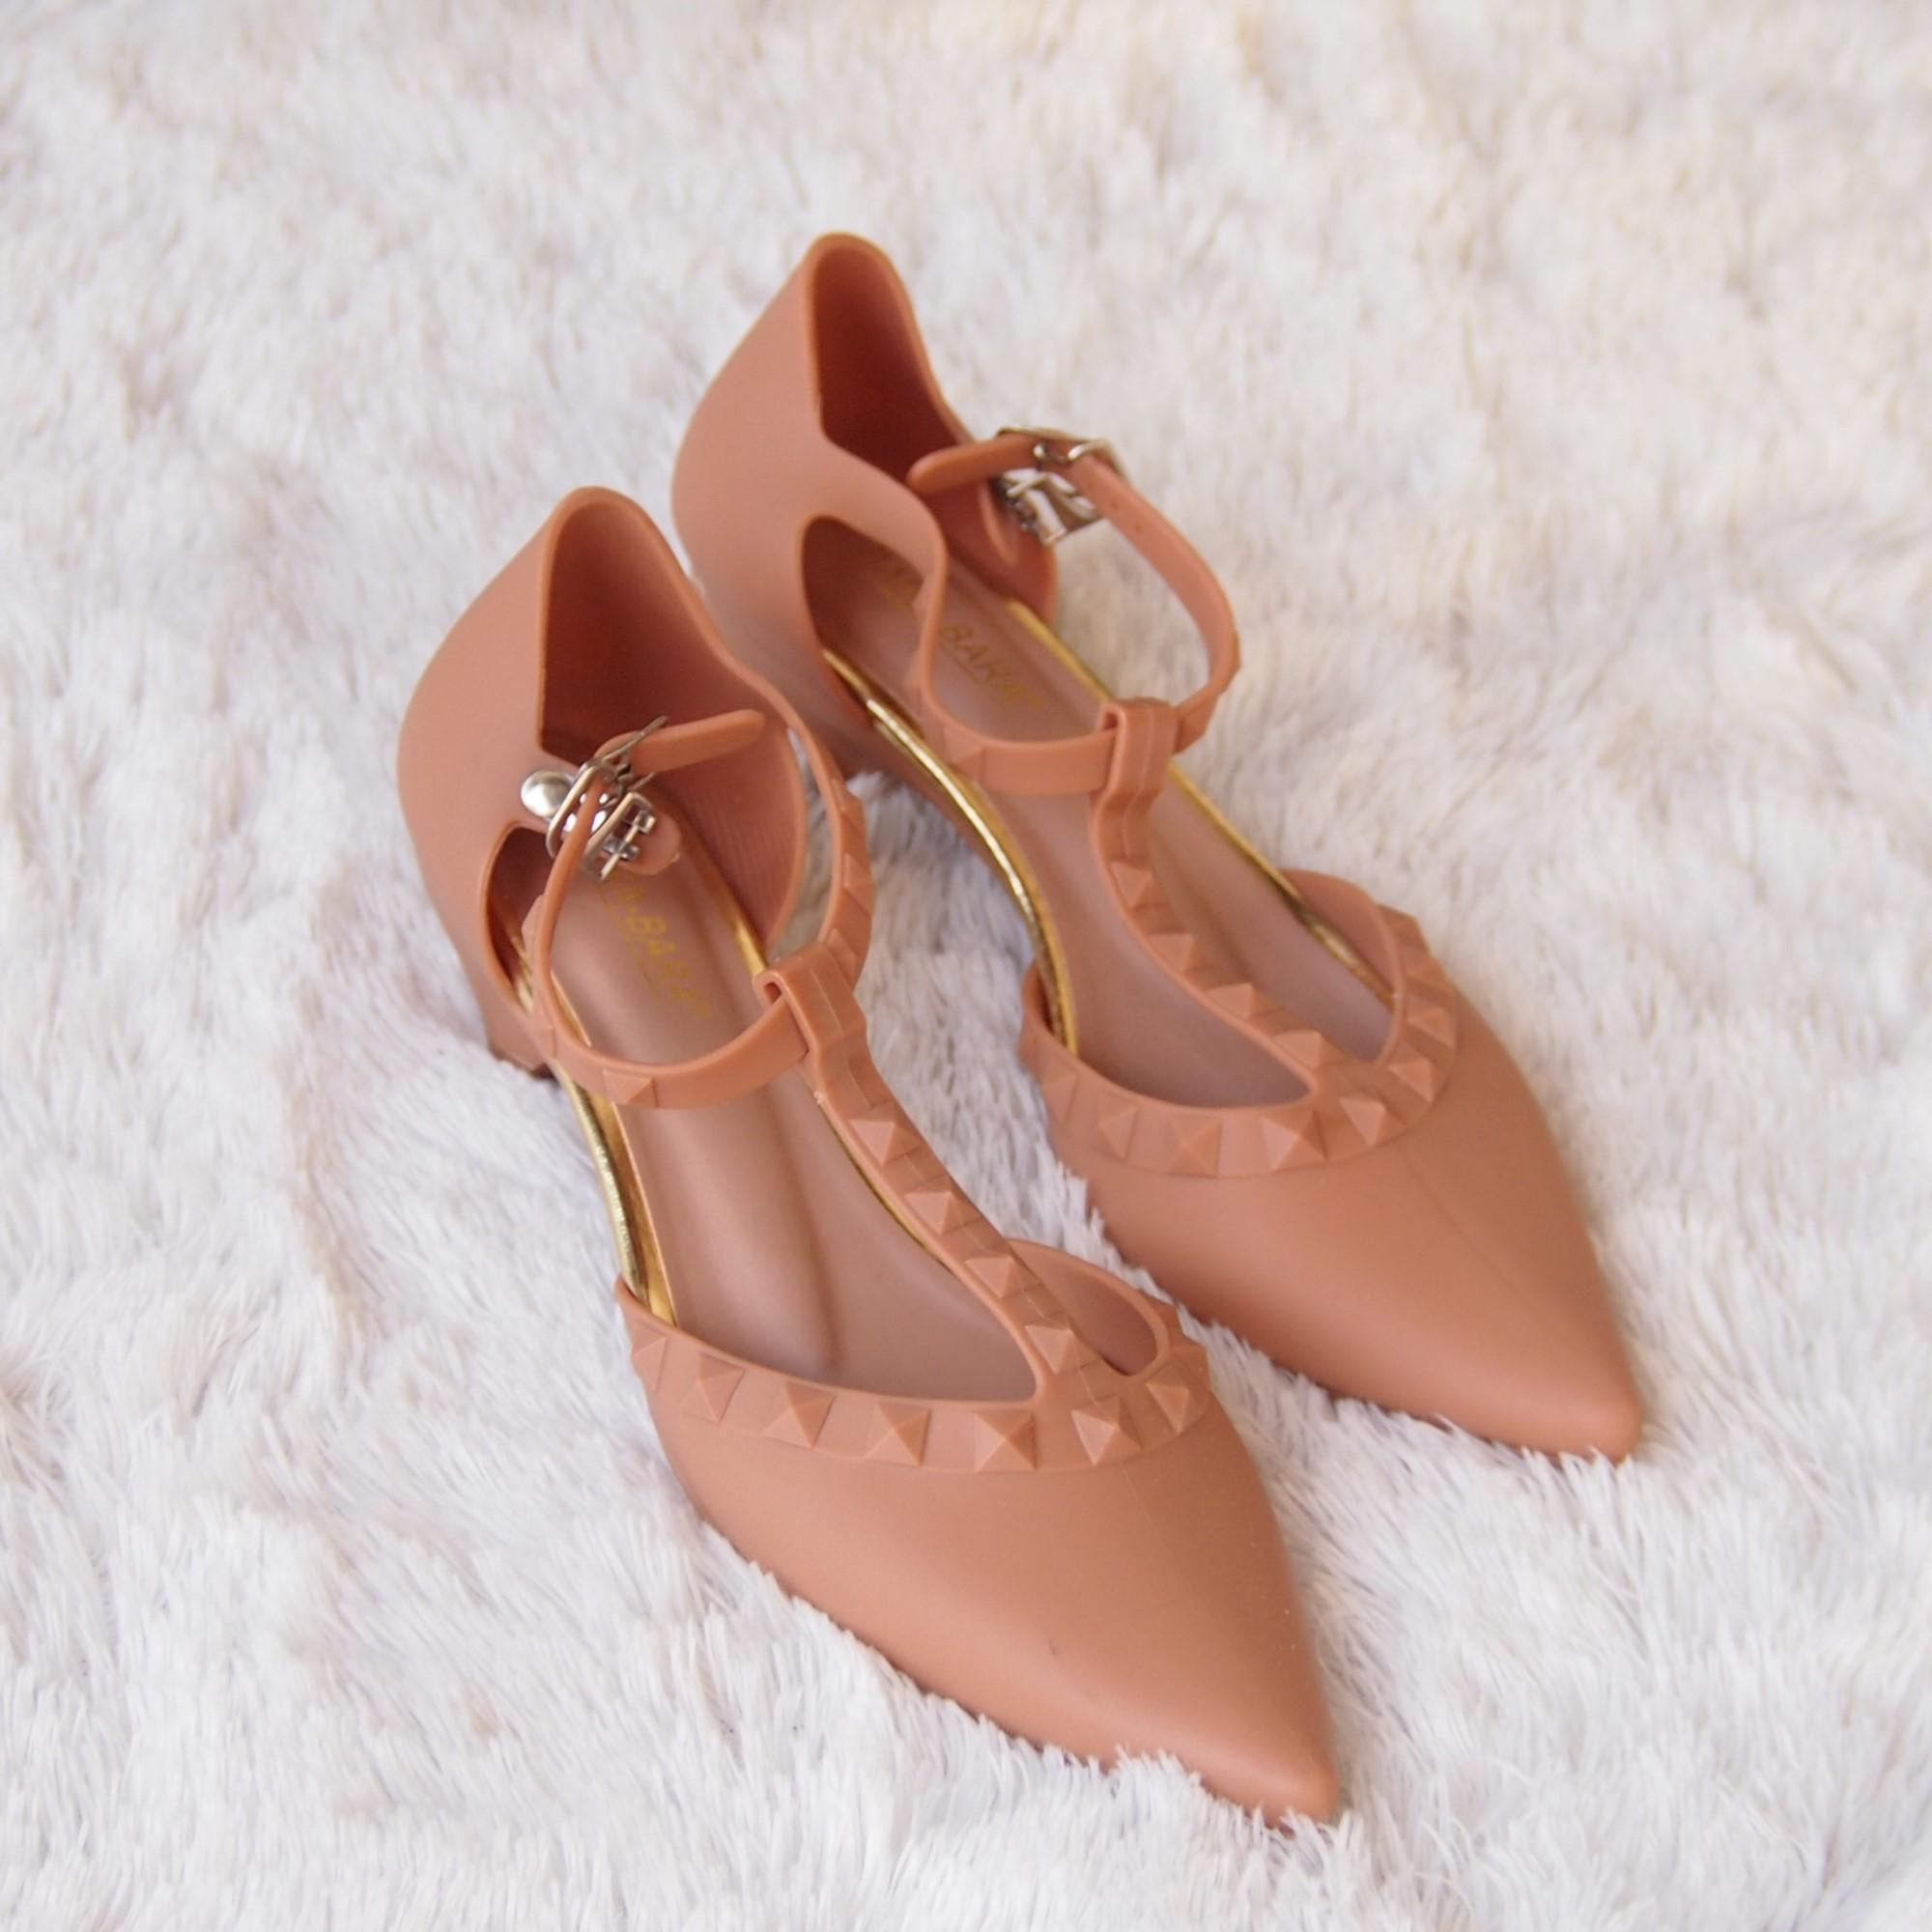 Bara~Bara Jelly Shoes - Sepatu Hak Tinggi Mule Wanita Dari Bara Bara Tinggi  3 87cad6a755